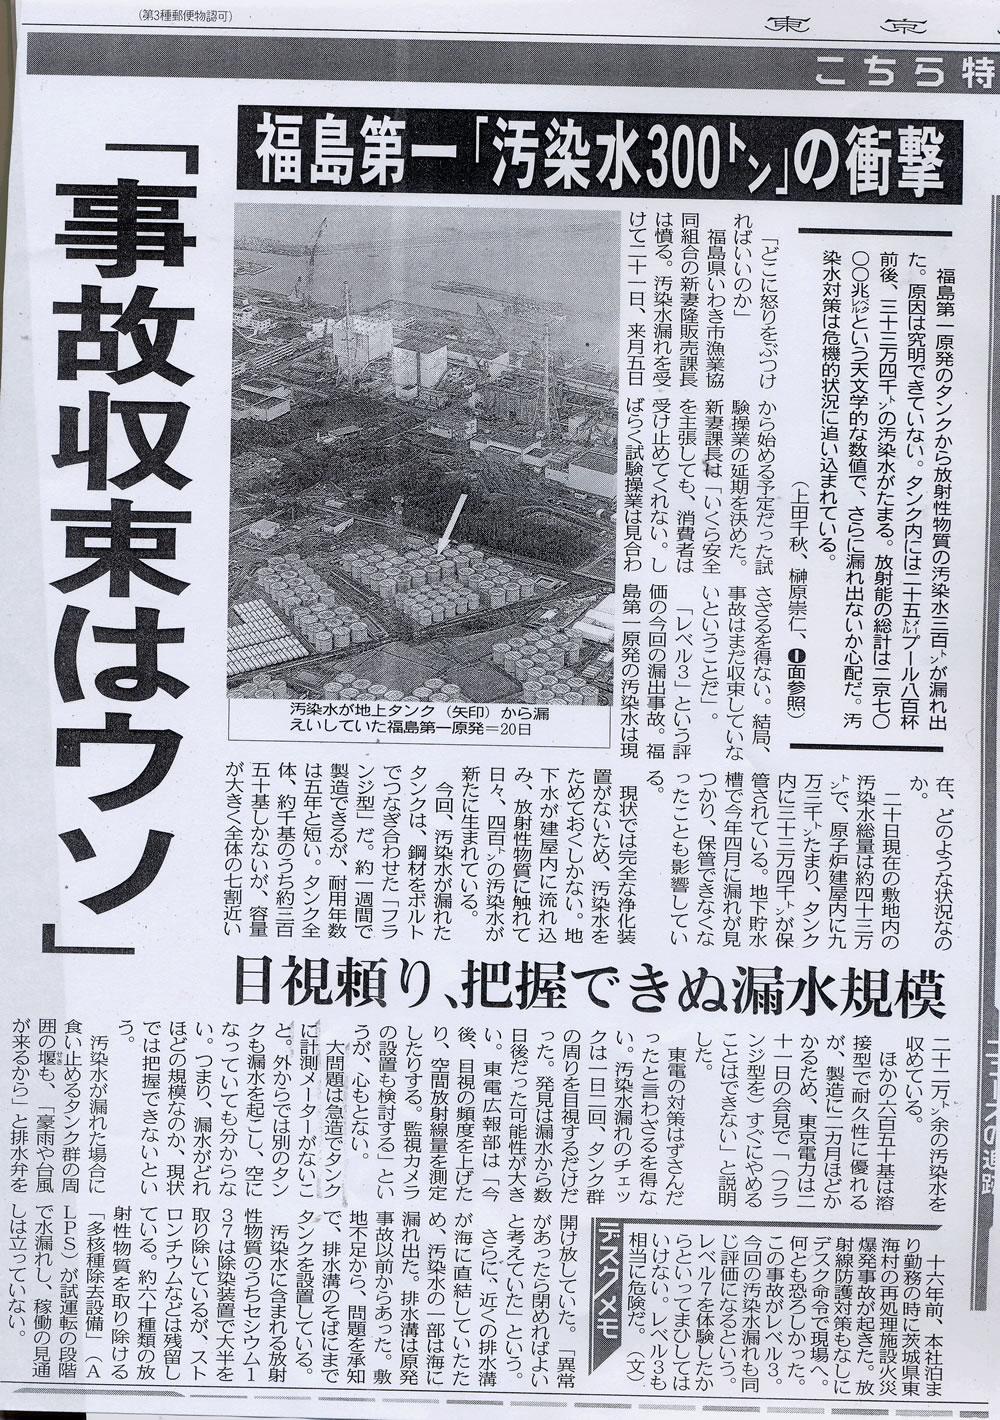 「事故収束はウソ」 福島第一「汚染水300トン」の衝撃